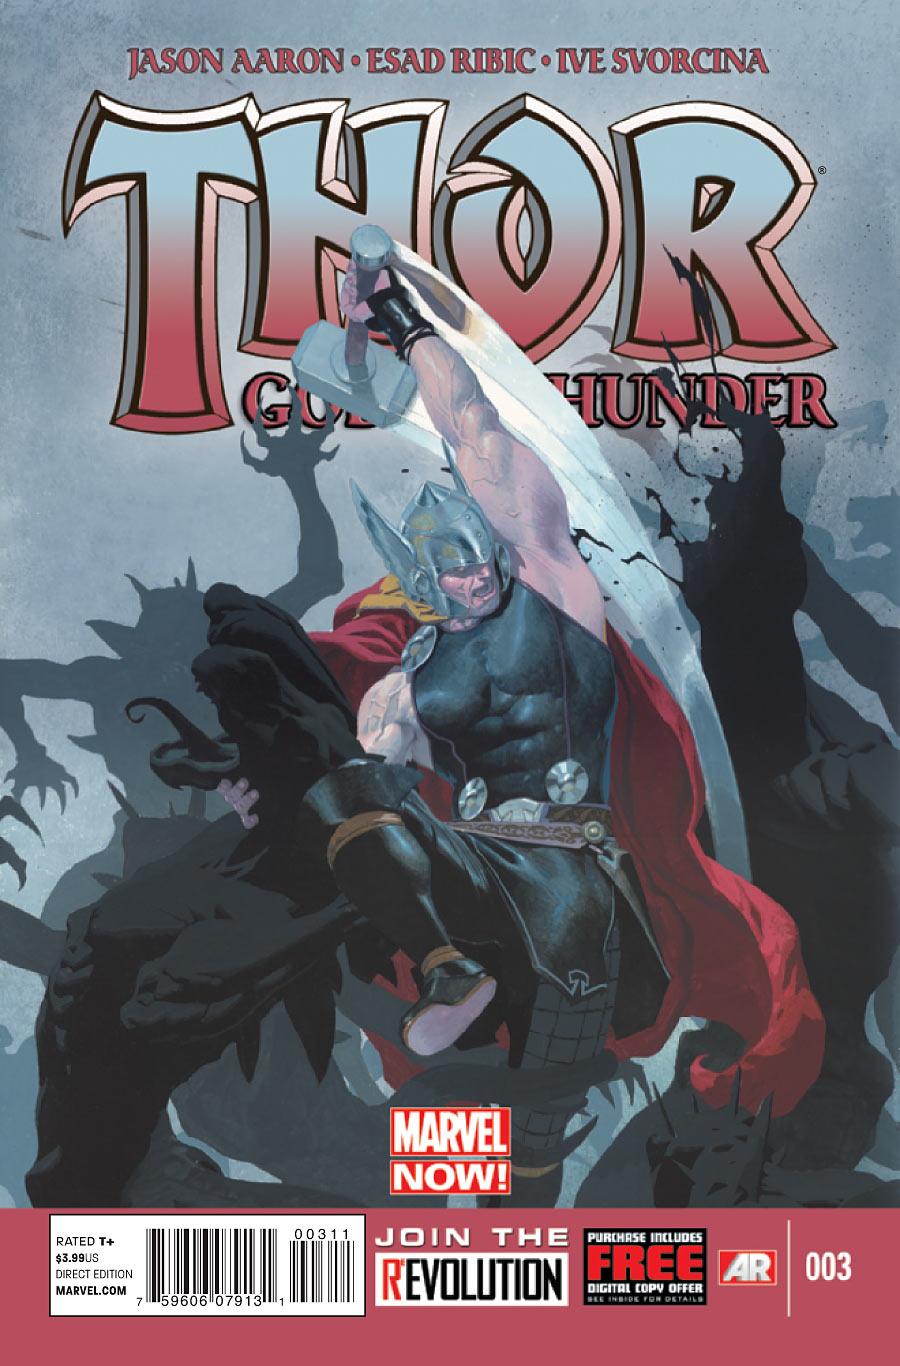 Thor: God of Thunder #3